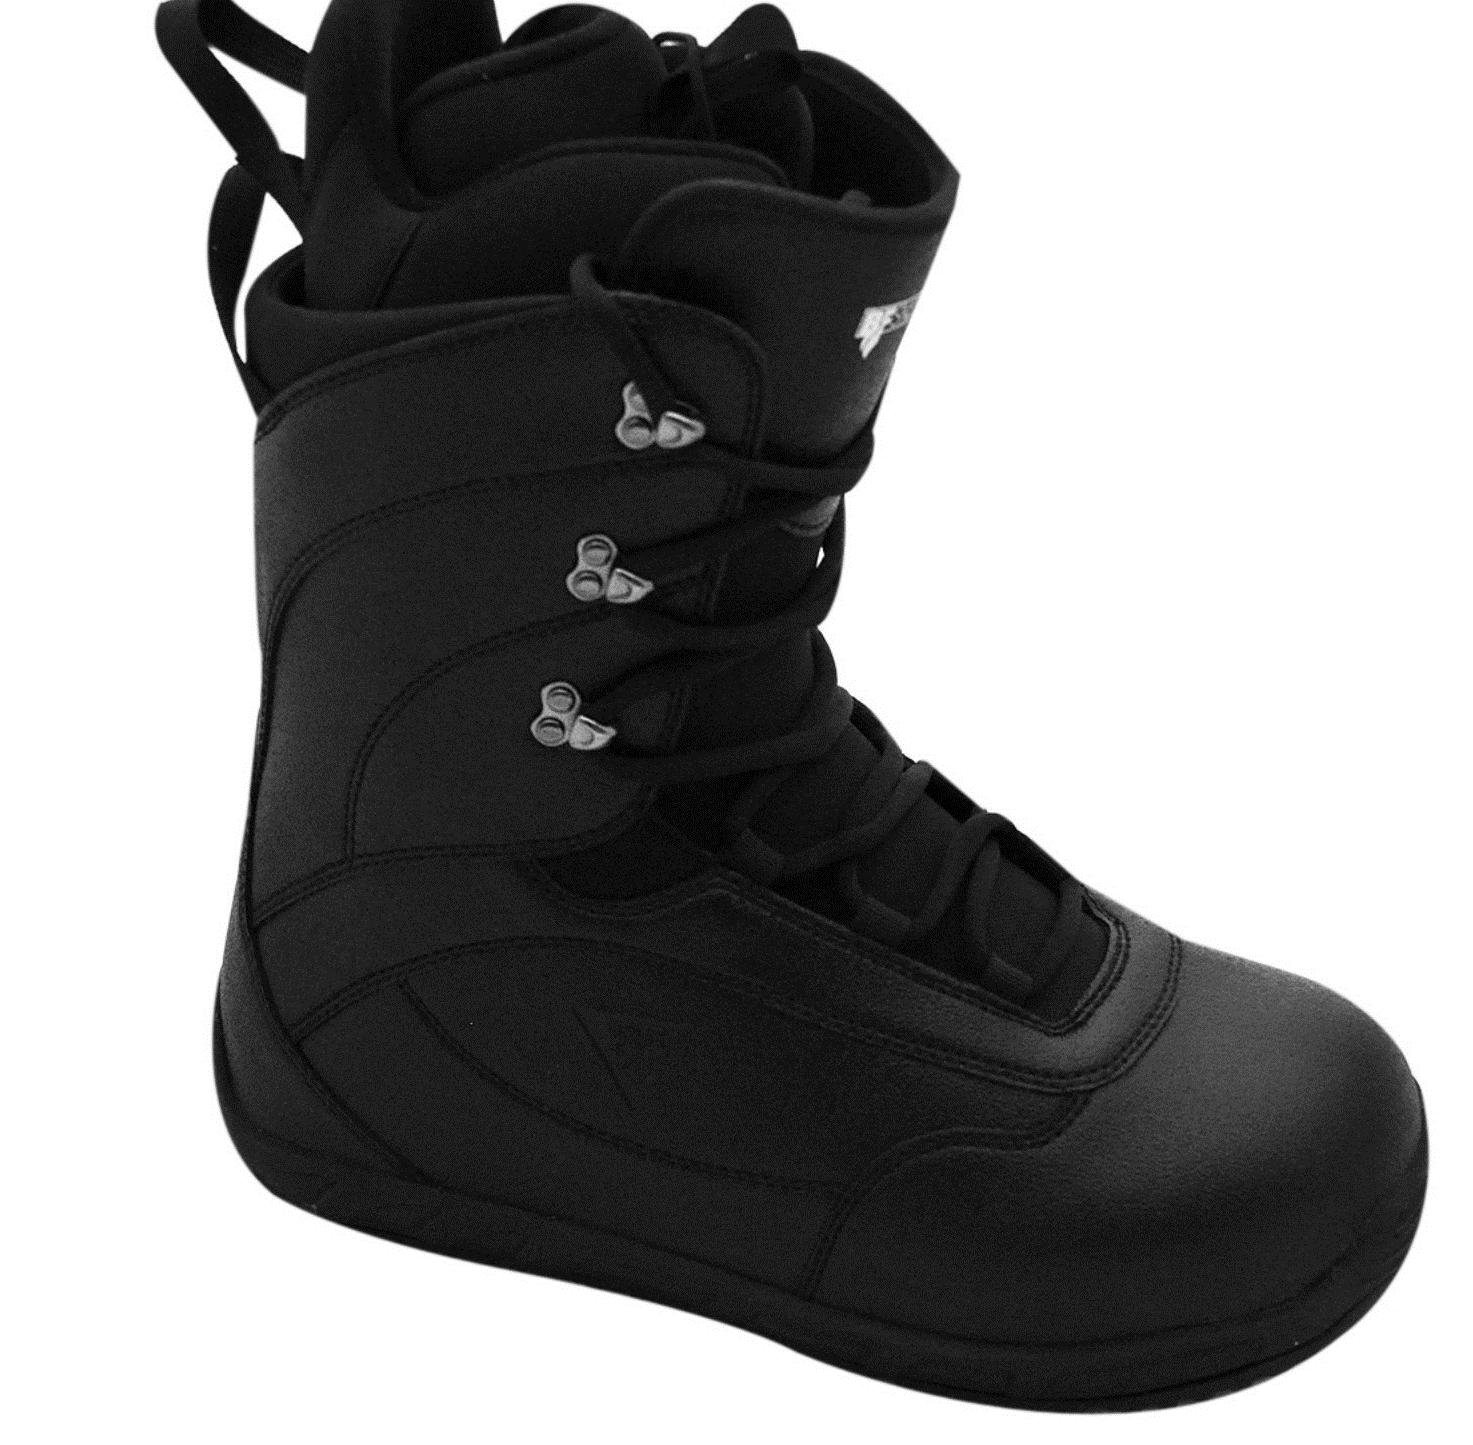 Ботинки сноубордические BF Snowboards 18-19 R Black - 40,0 EUR